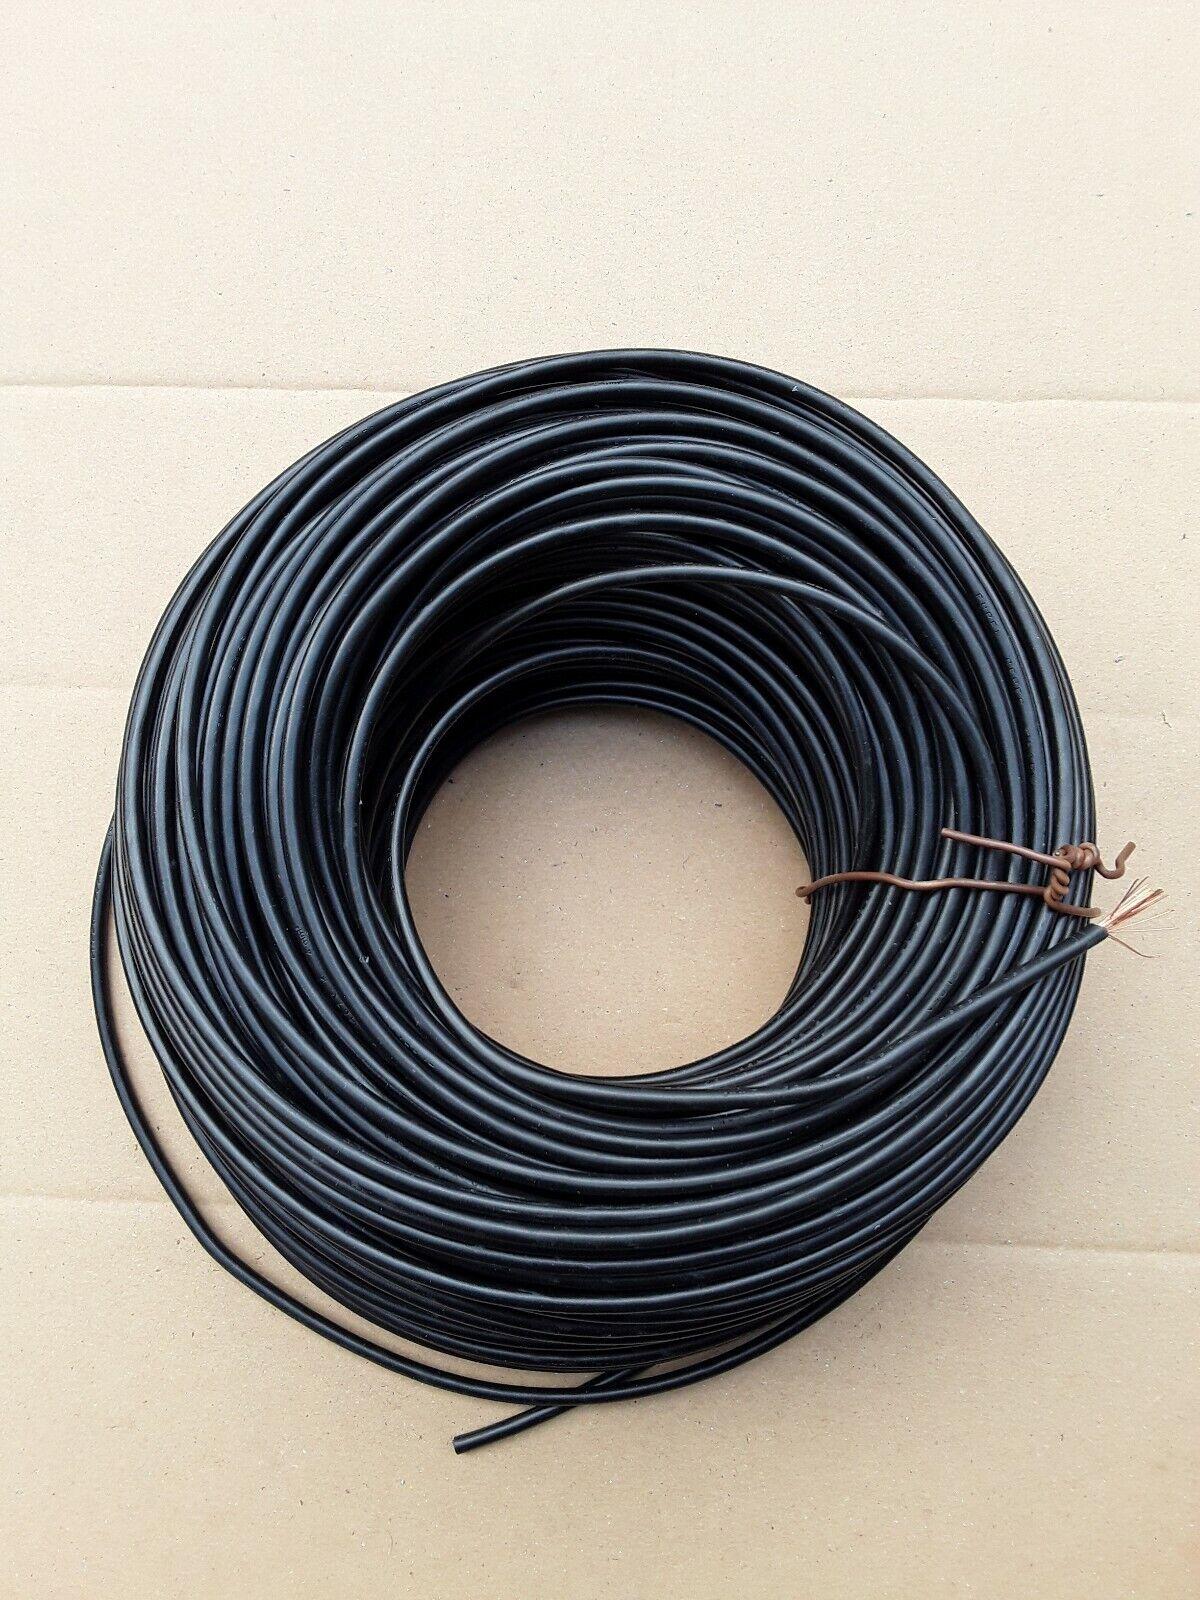 H07V-K ca.100m Litze PVC Aderleitung Flexibel Flexibel Flexibel 4,0 mm² Draht Kupfer schwarz   Lassen Sie unsere Produkte in die Welt gehen  88135b